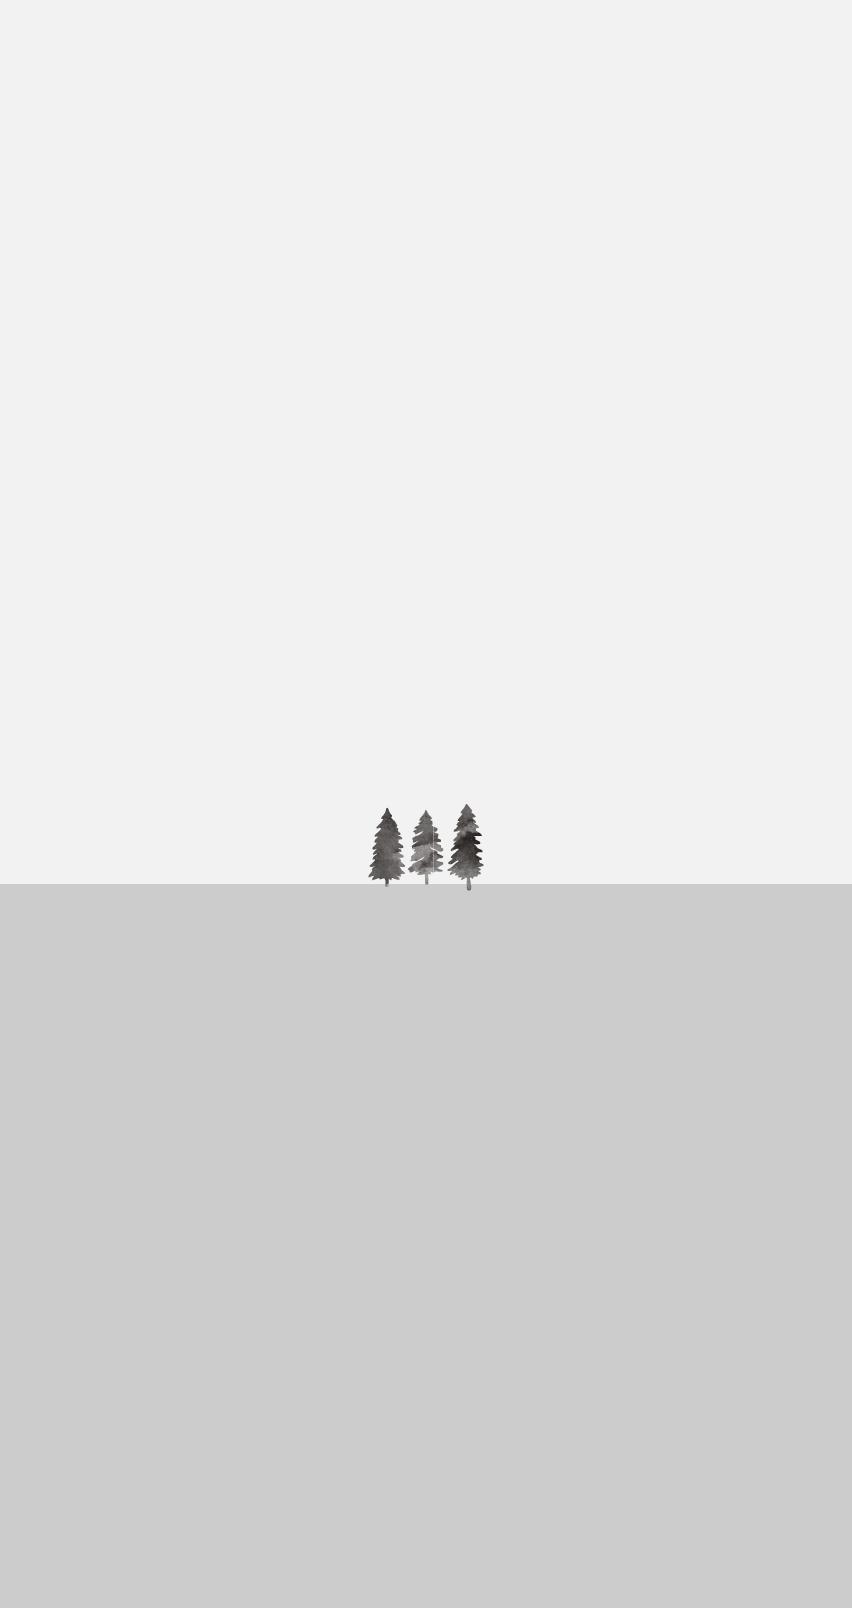 Drei graue Bäume auf einer grauen Fläche